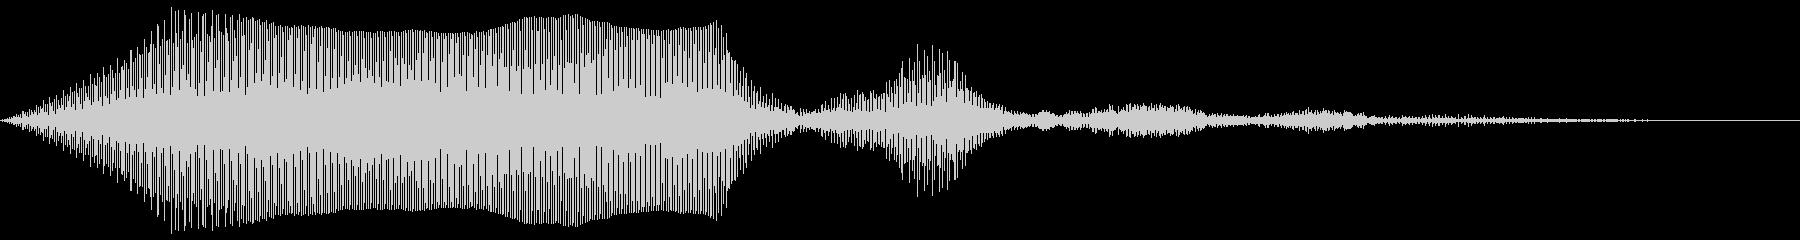 スタントプレーンダイビング(曲技飛...の未再生の波形